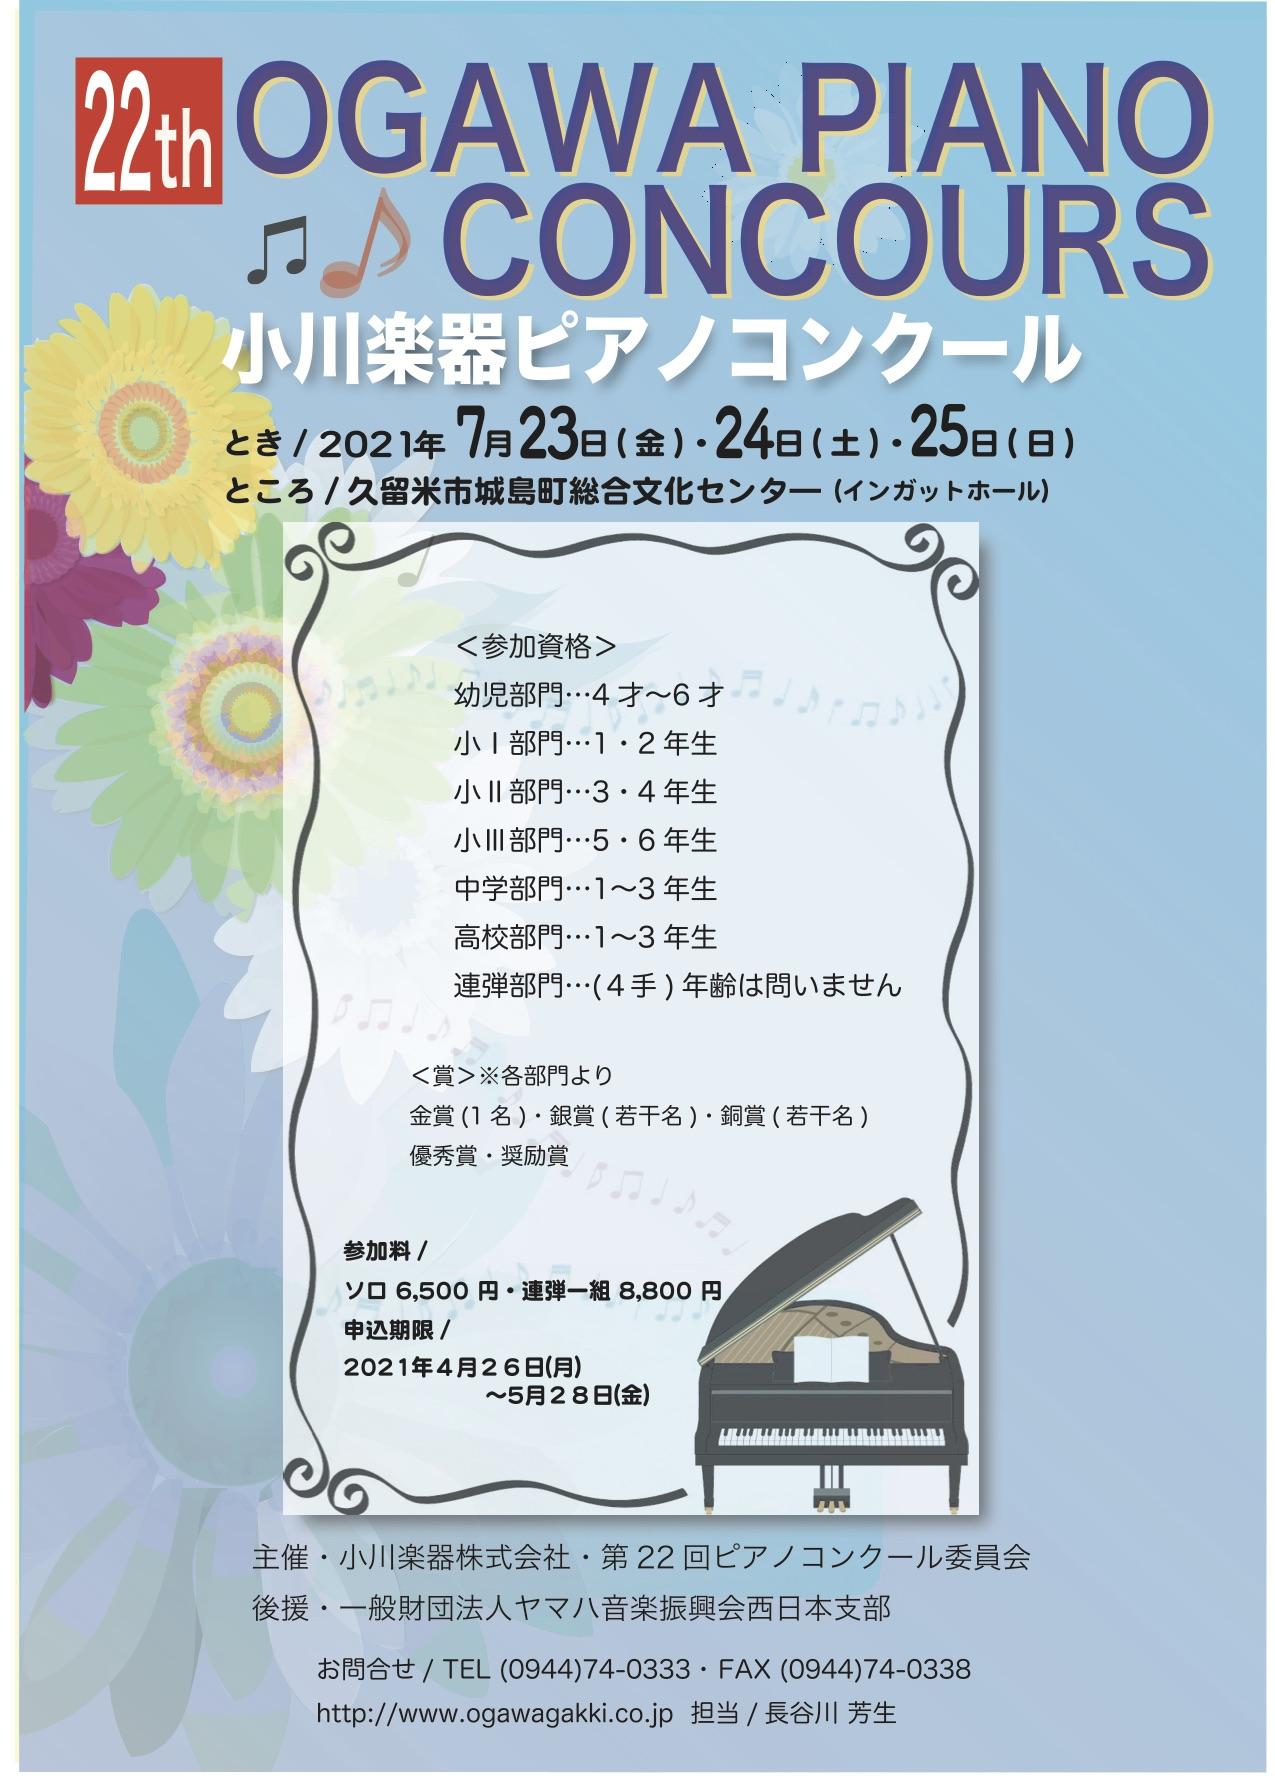 【第22回小川楽器ピアノコンクール】